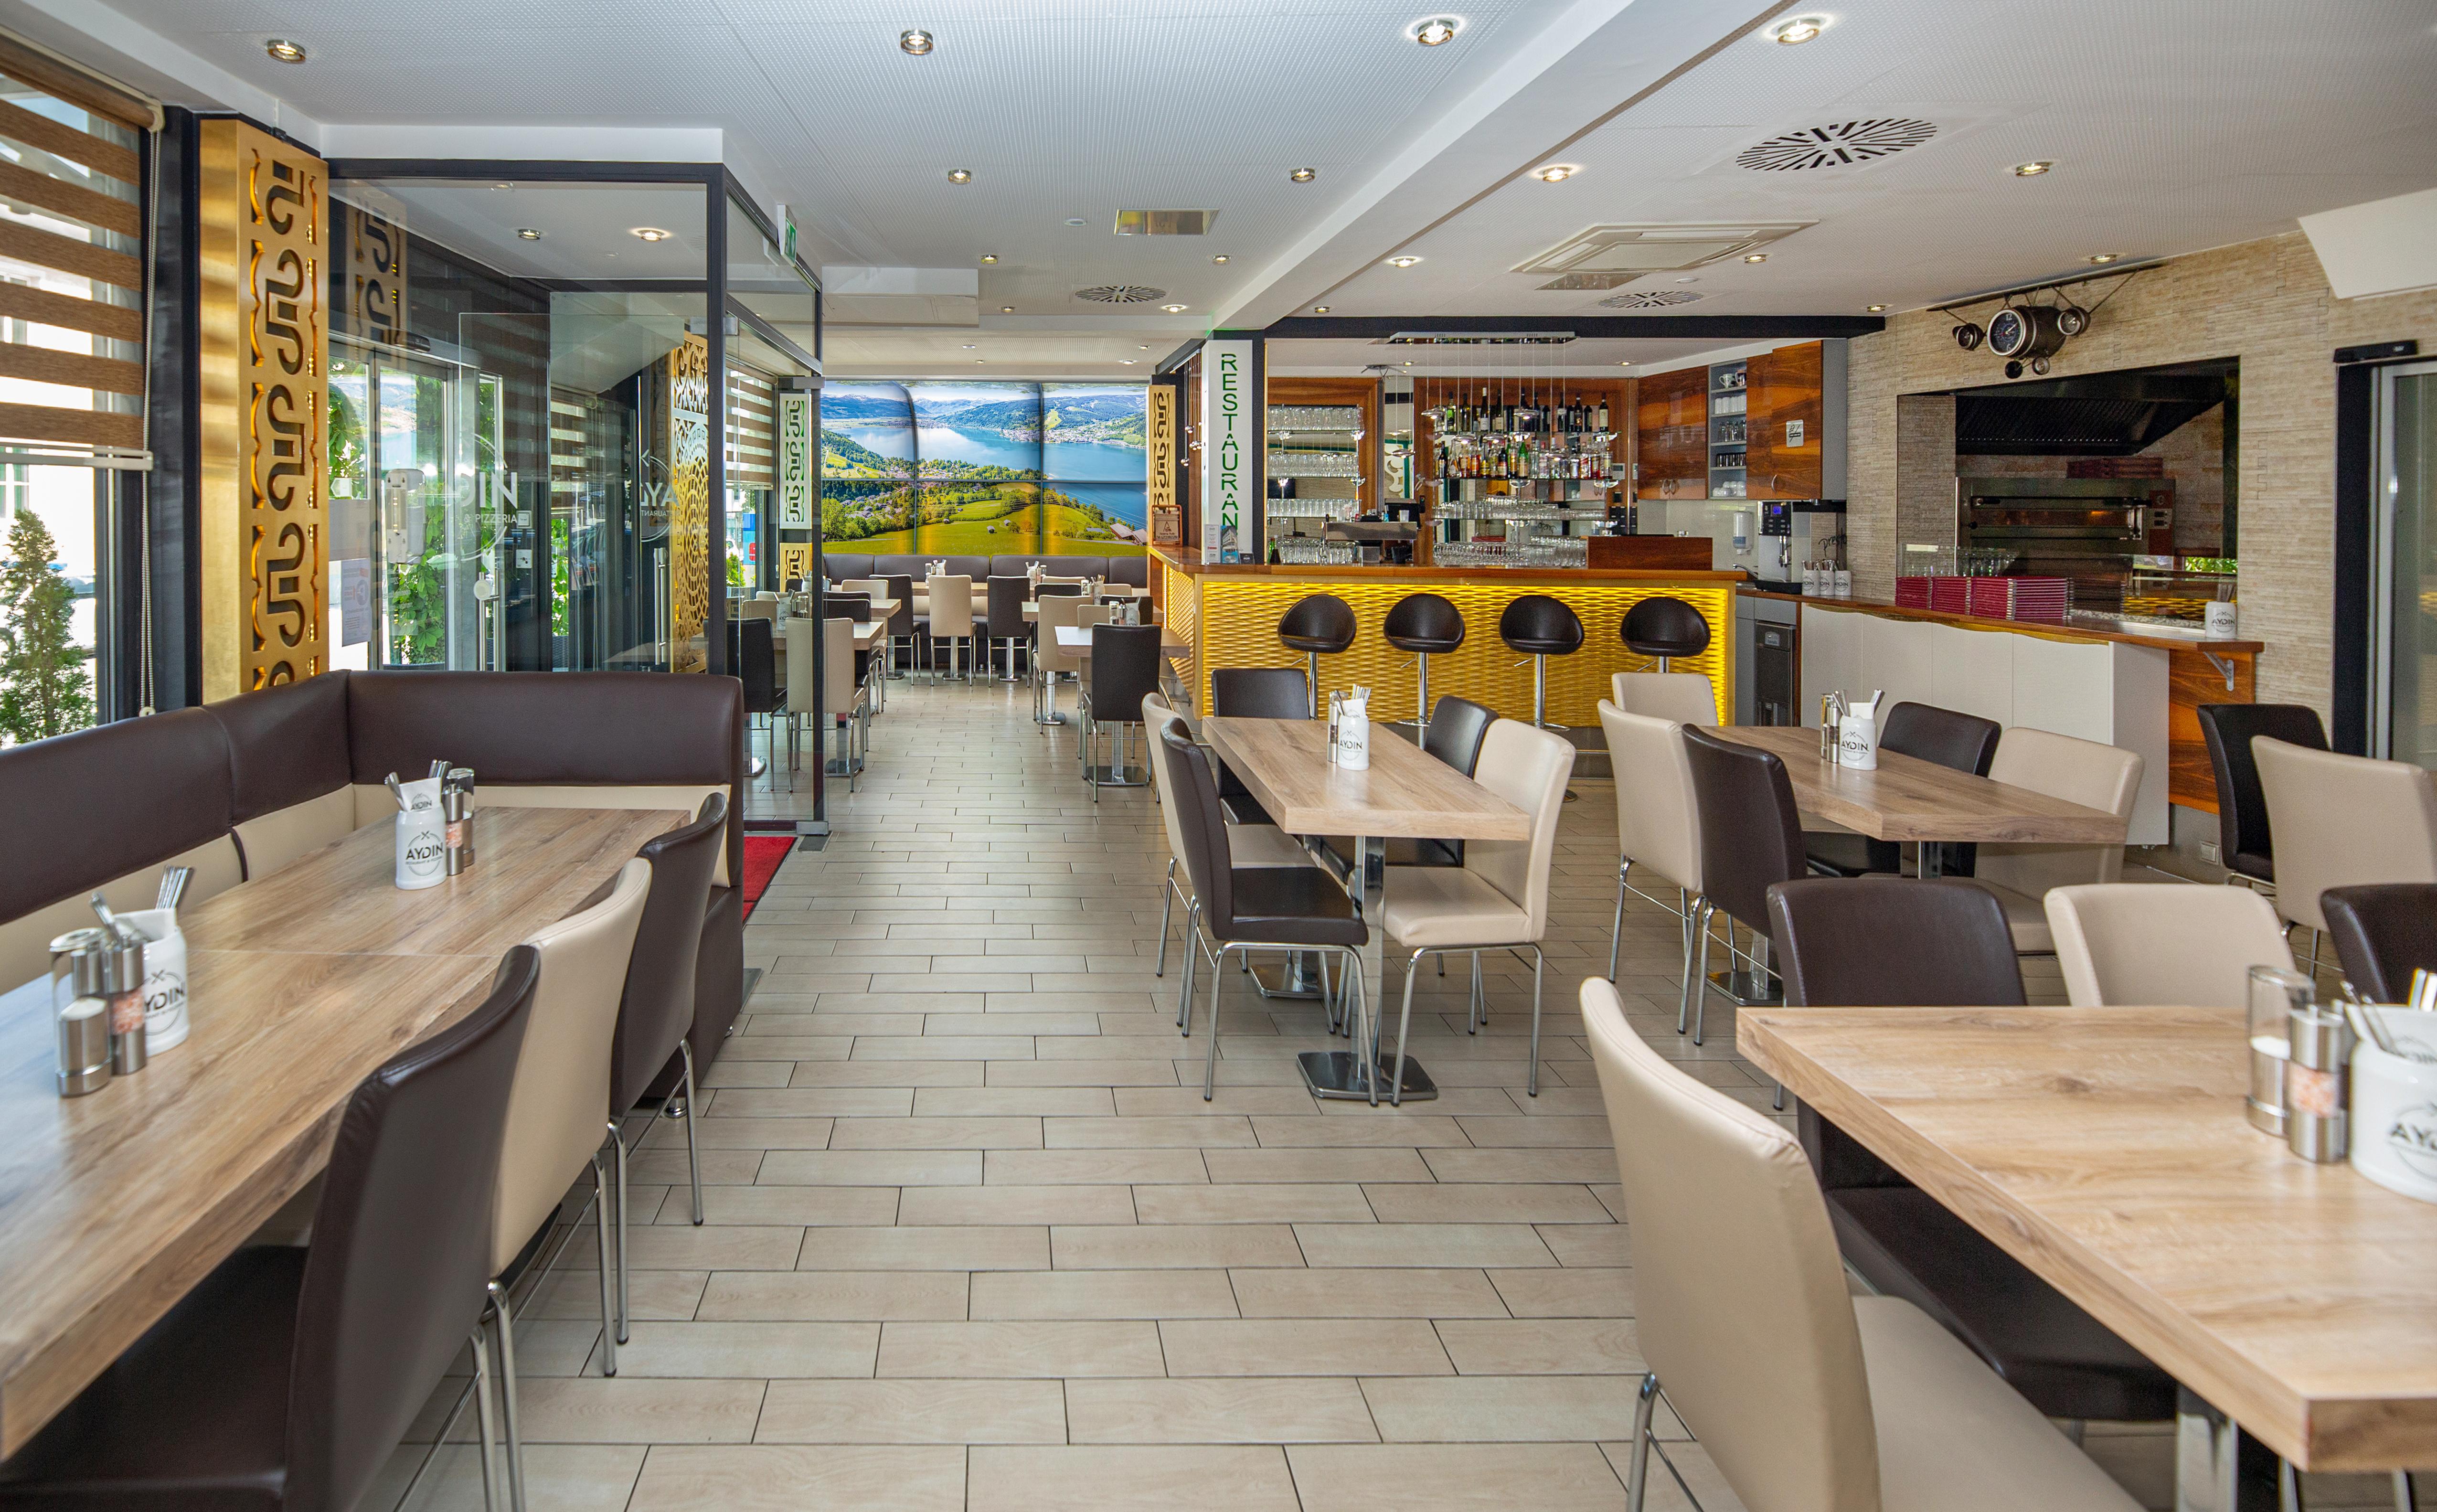 Restaurant & Pizzeria Aydin Innen Essenbereich